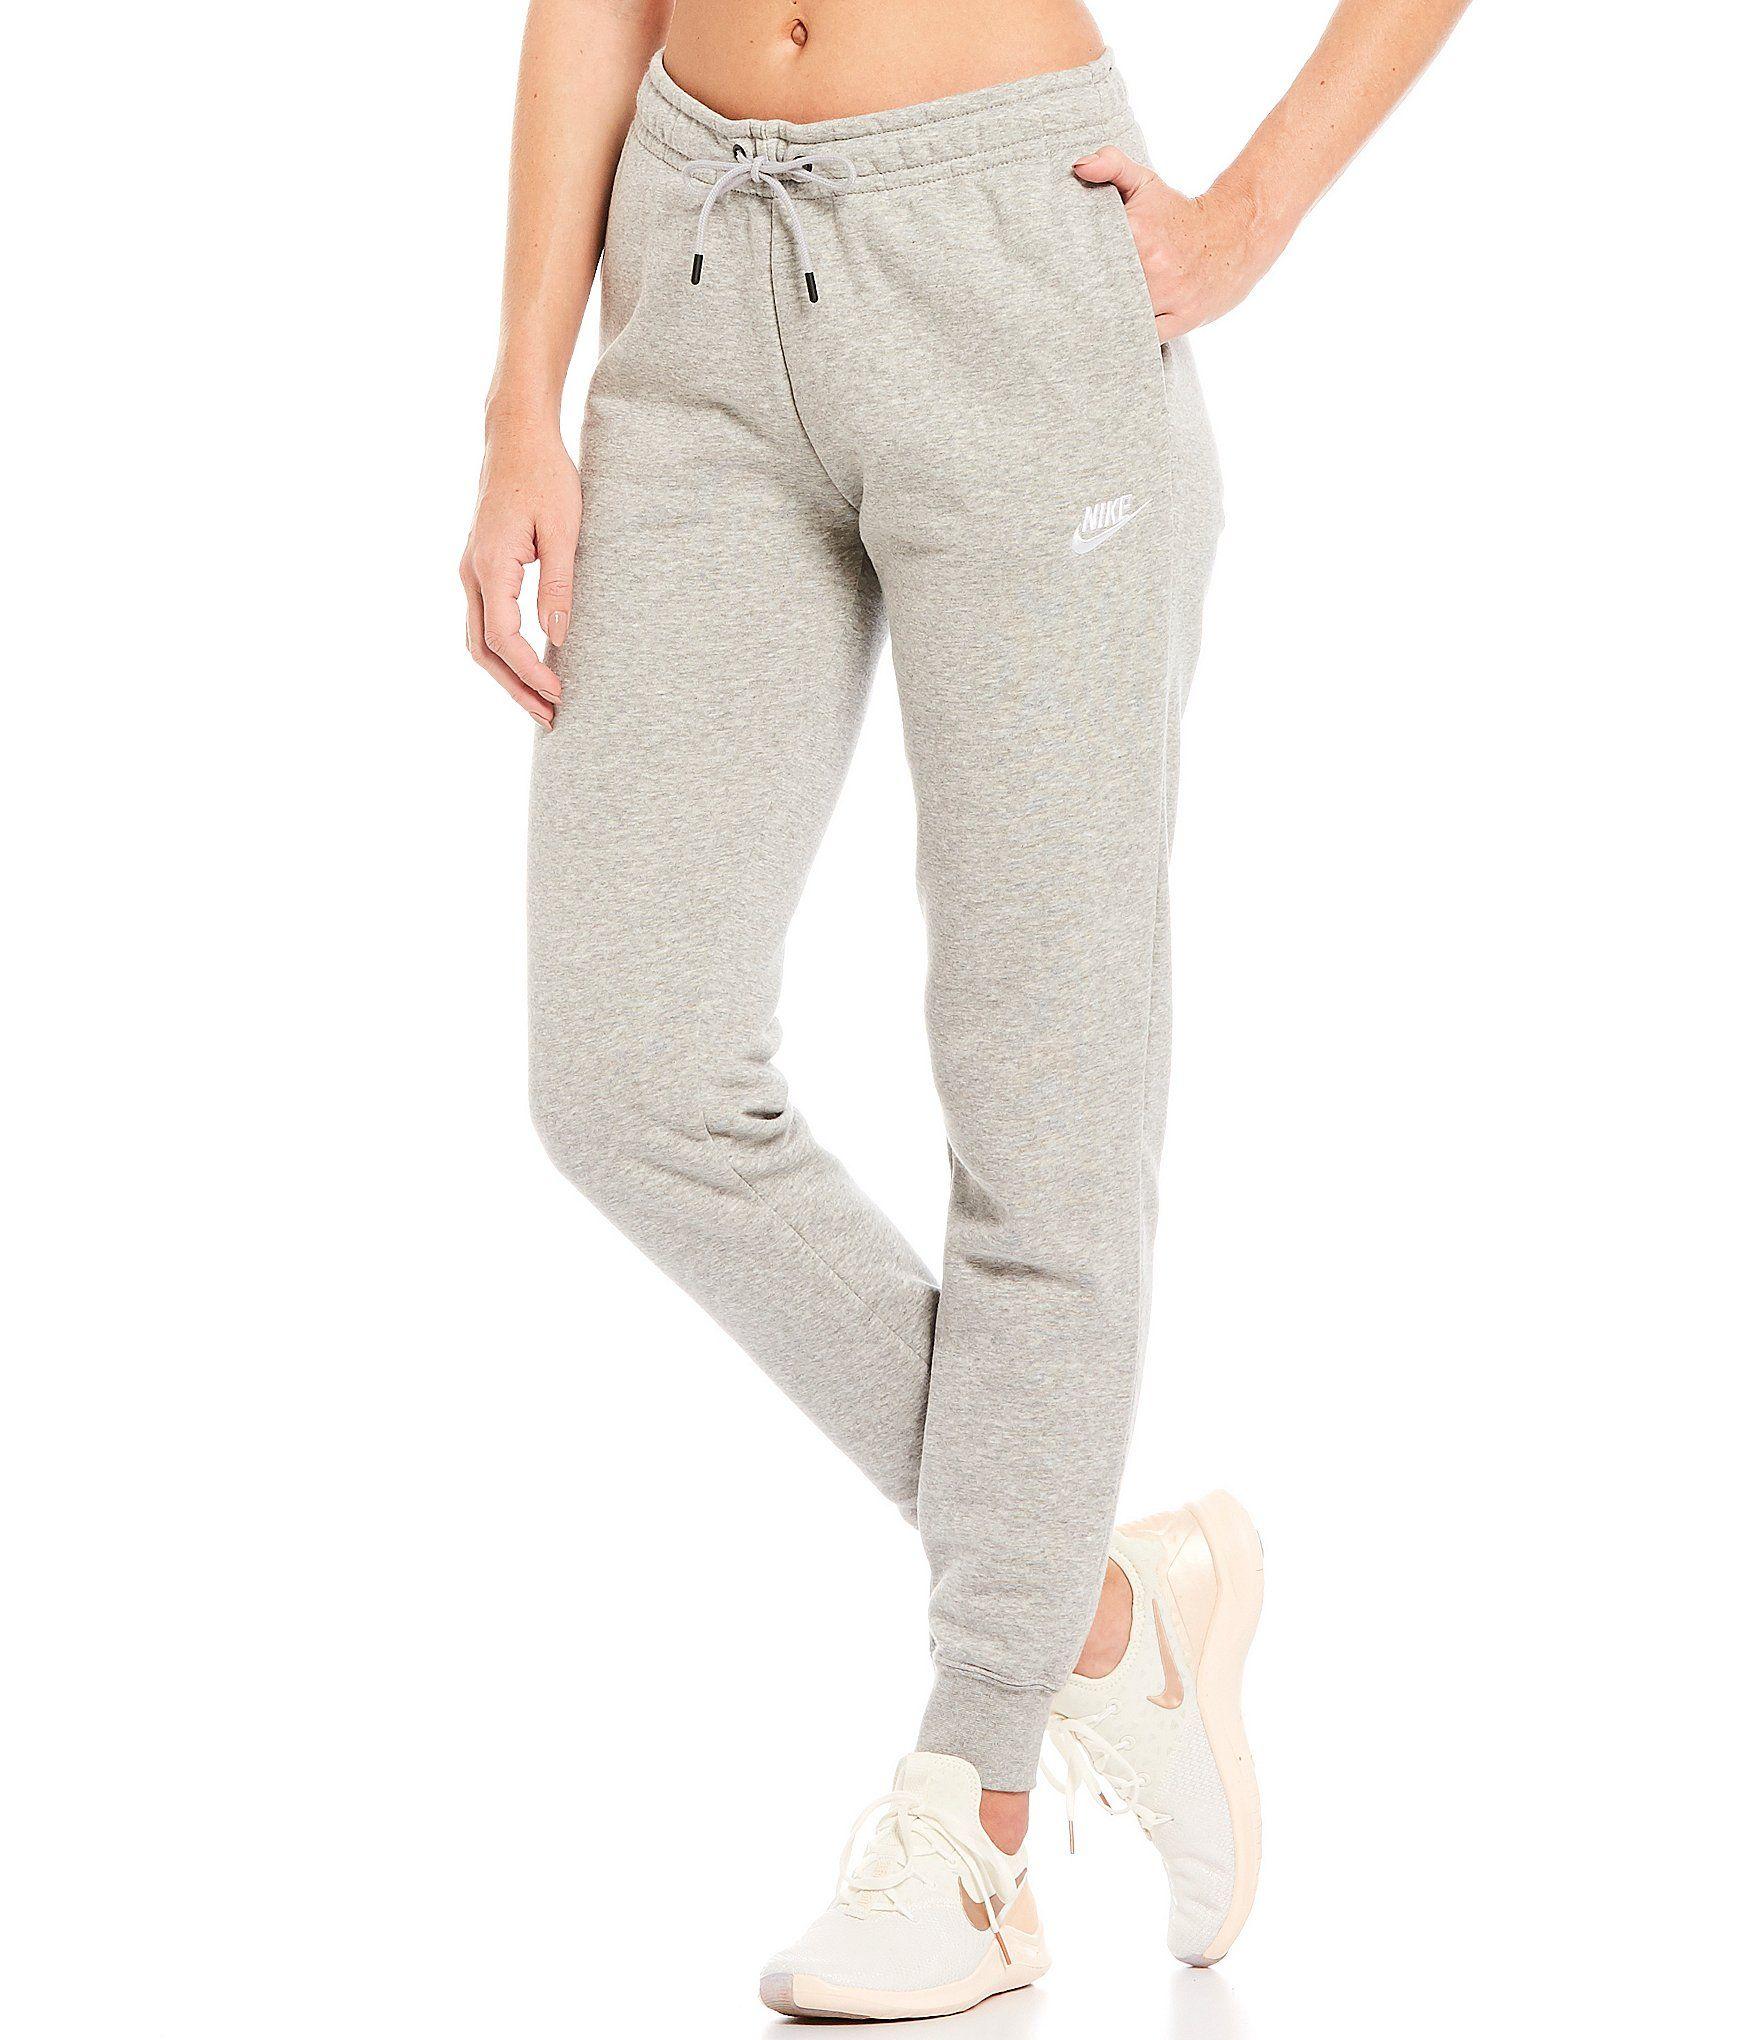 Nike Essential Fleece Lined Jogger Pants Dillard S In 2020 Jogging Pants Women Nike Women Sweatpants Nike Jogger Sweatpants